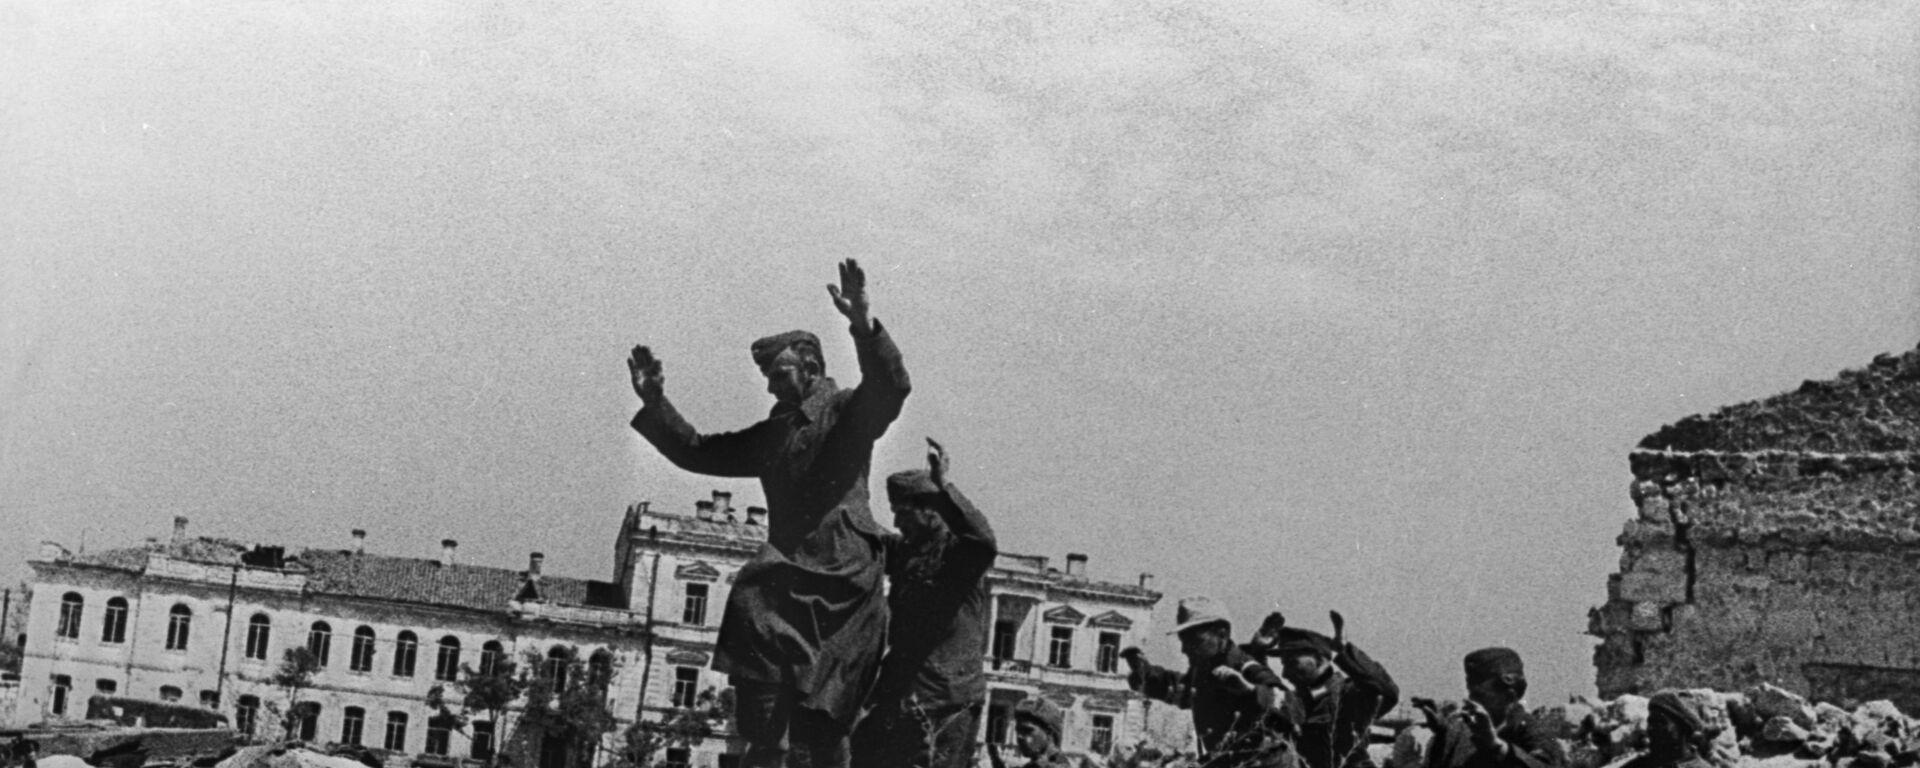 Niemieccy jeńcy w Sewastopolu, 1942 rok - Sputnik Polska, 1920, 25.08.2021